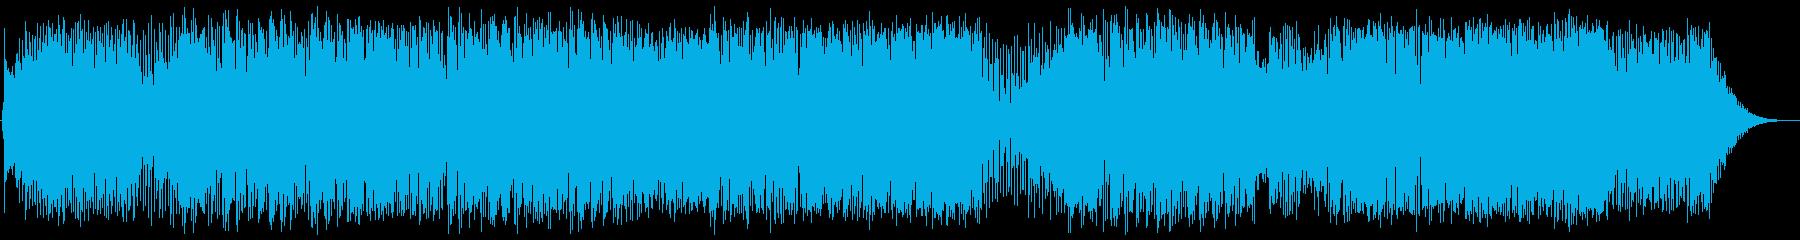 ポップス系フュージョンの再生済みの波形